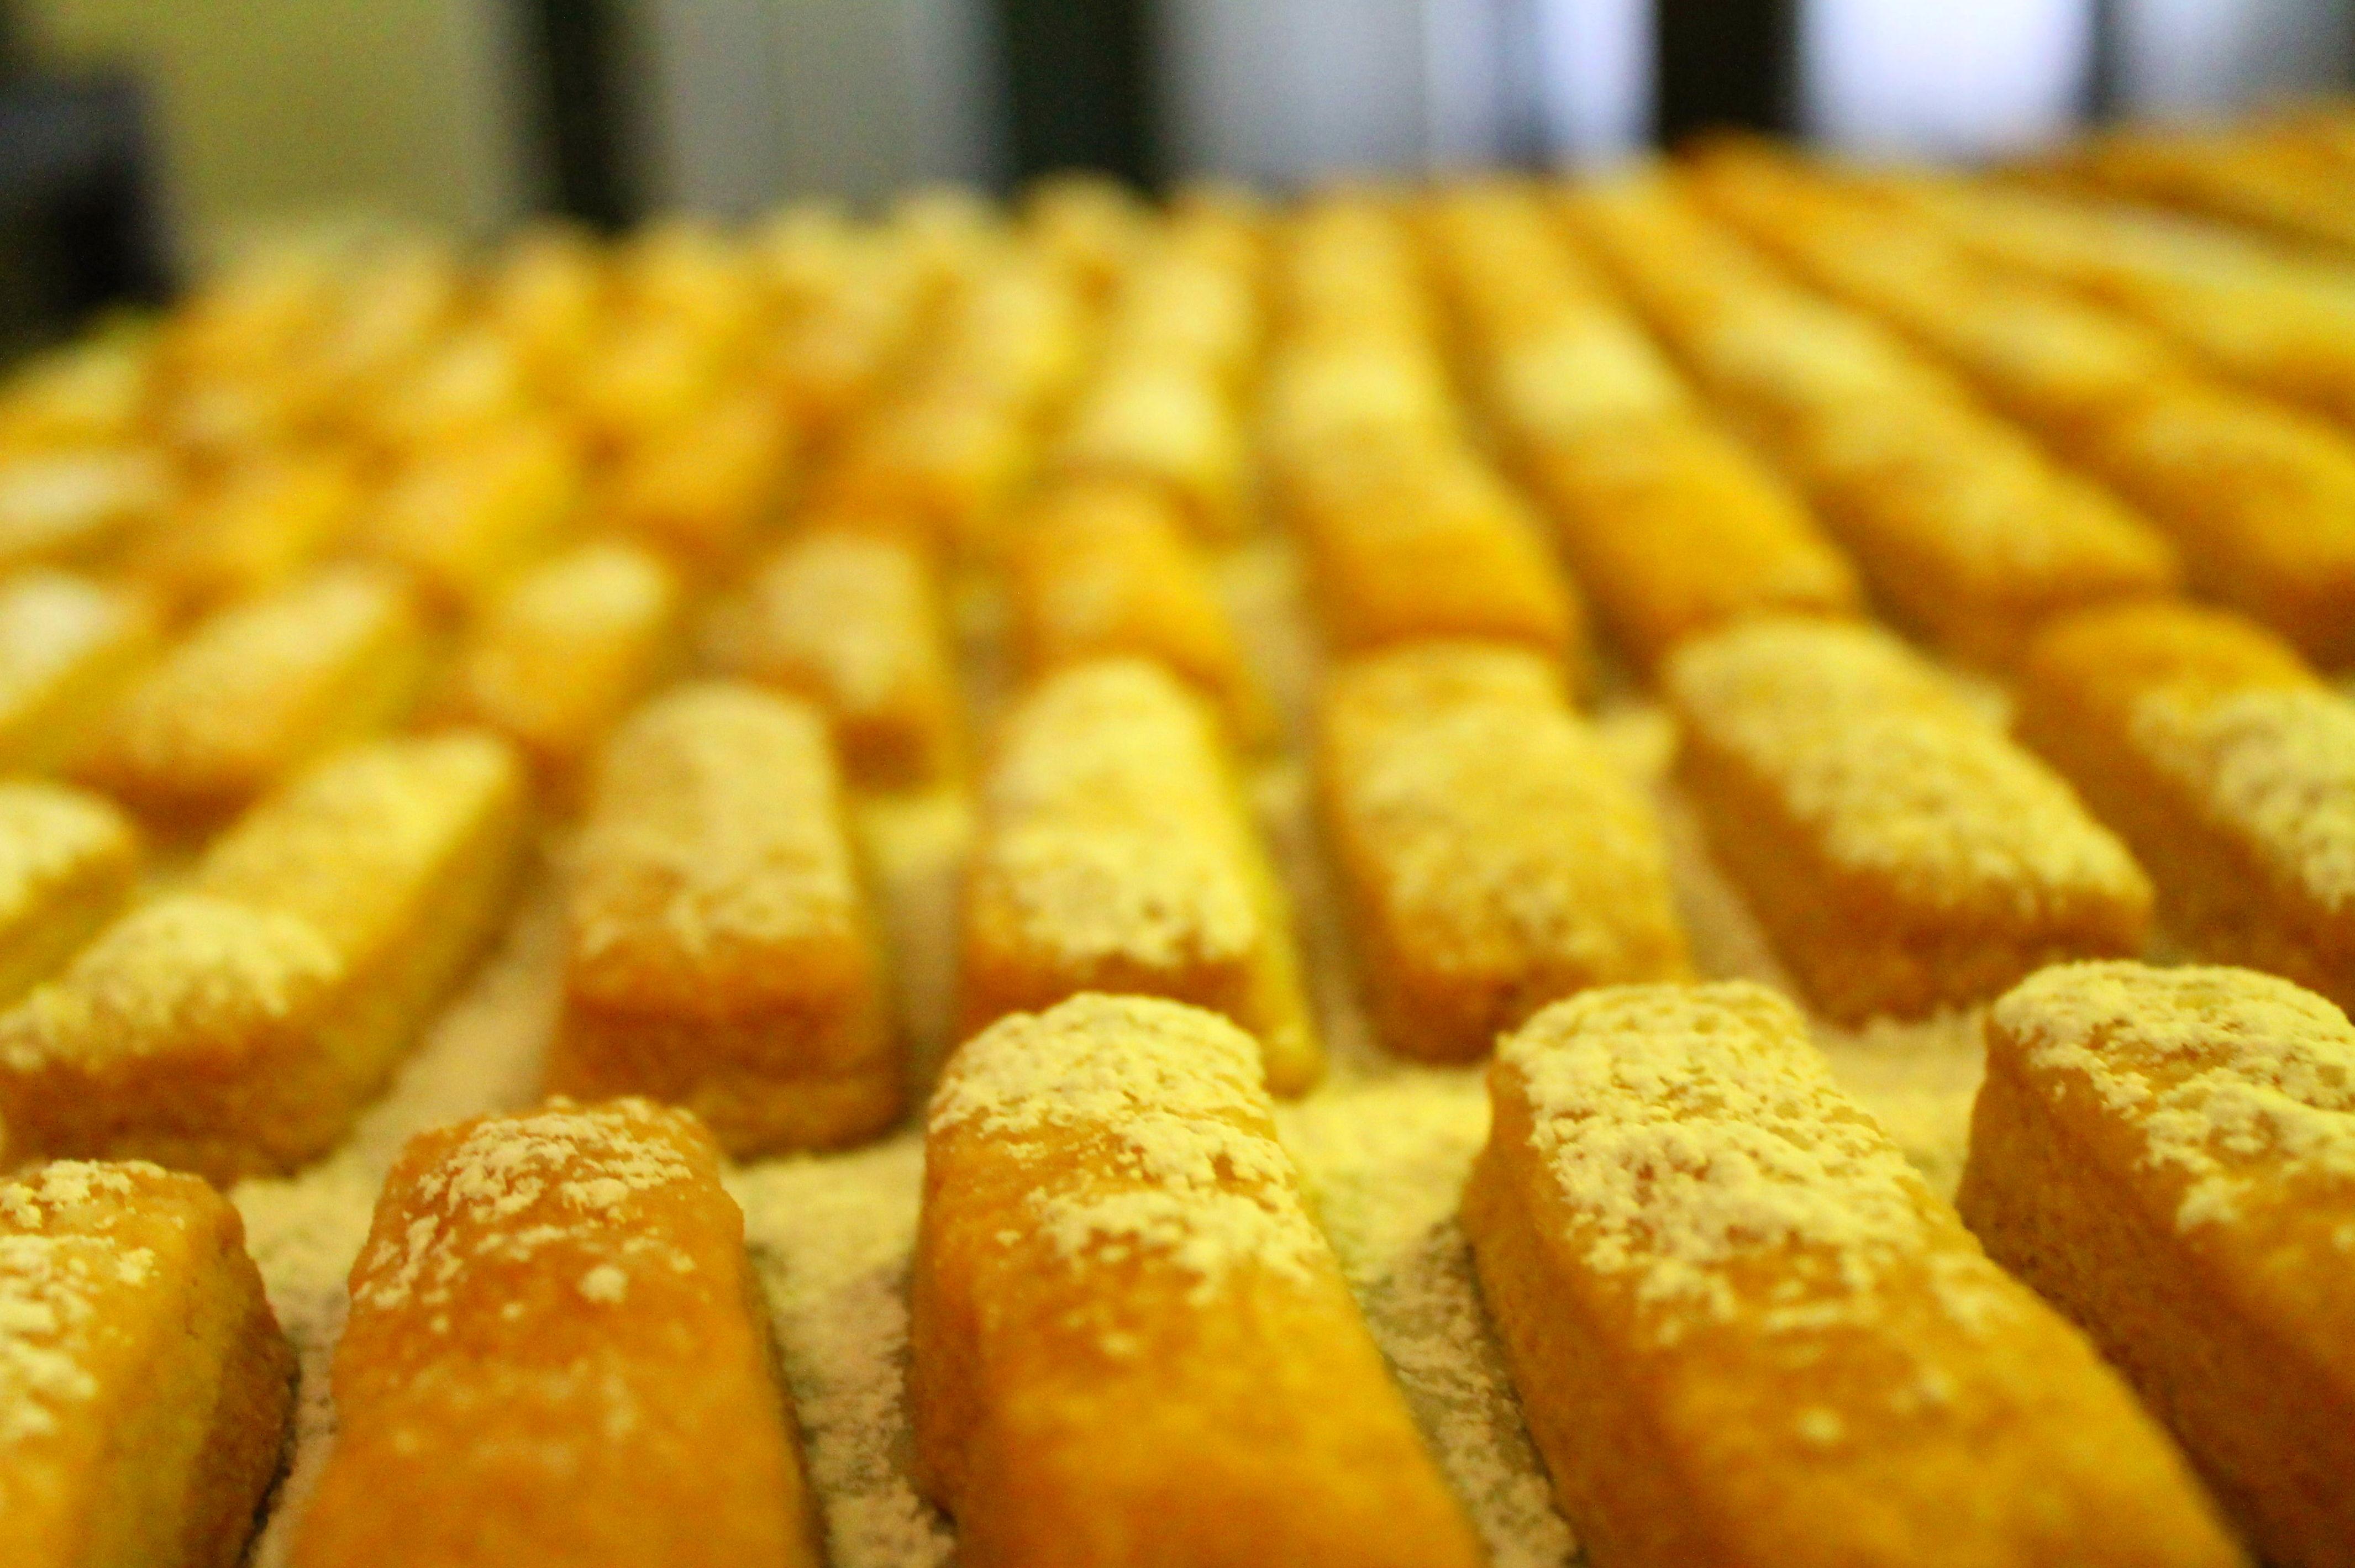 Foto 46 de Obrador artesano con amplia variedad de panes en Jaén   Panaderías y Confiterías Rodríguez